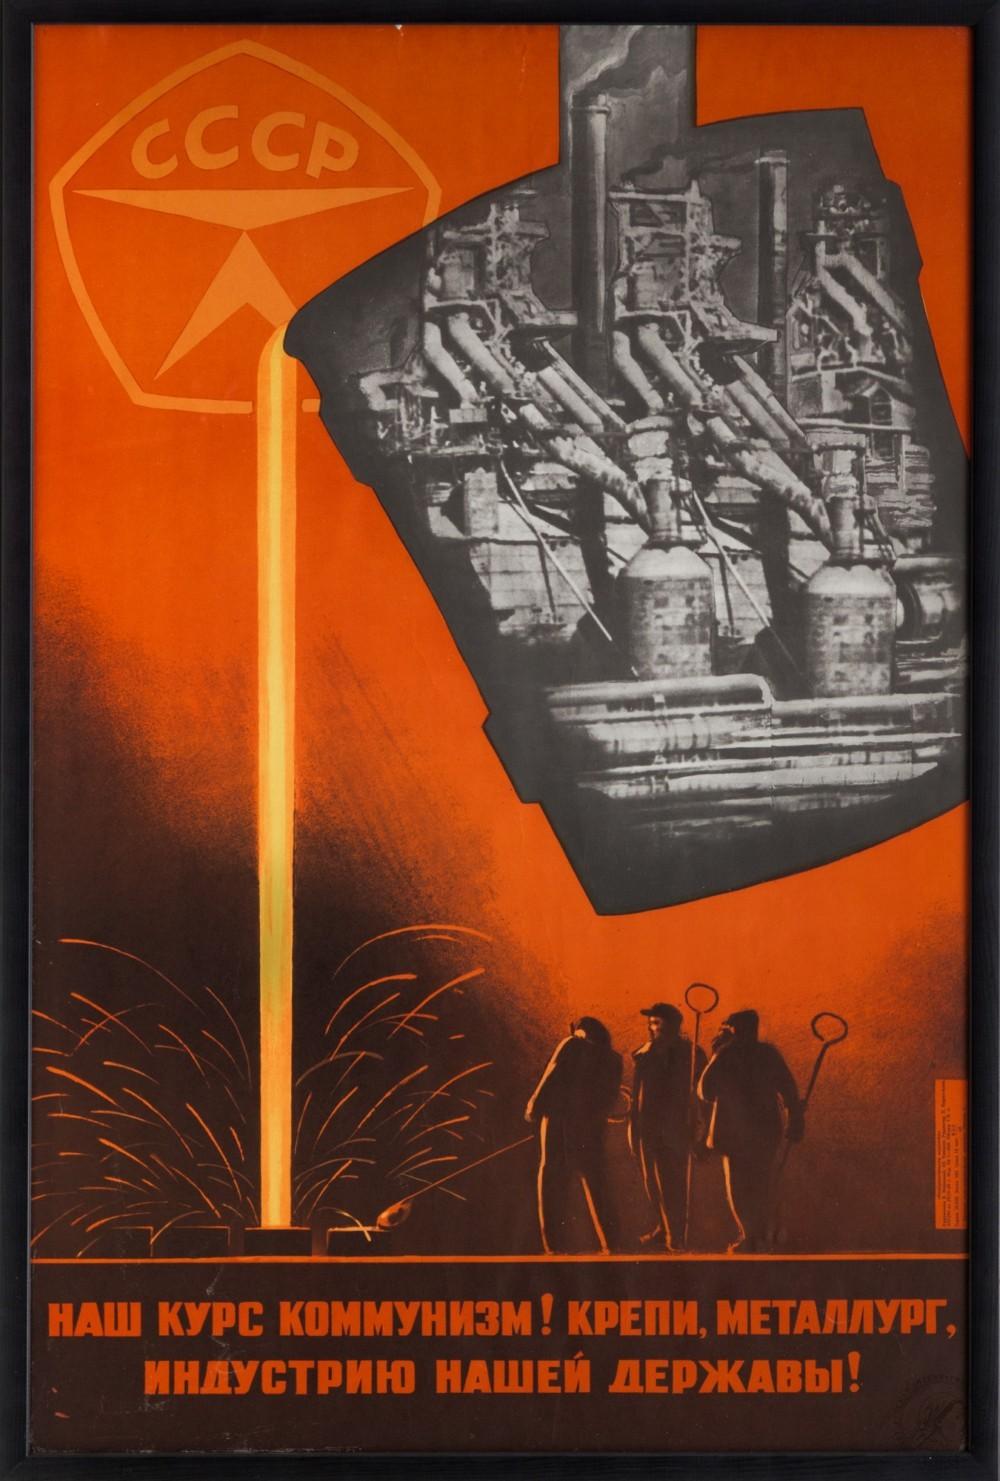 Плакат «Наш курс коммунизм! Крепи, металлург, индустрию нашей державы!»